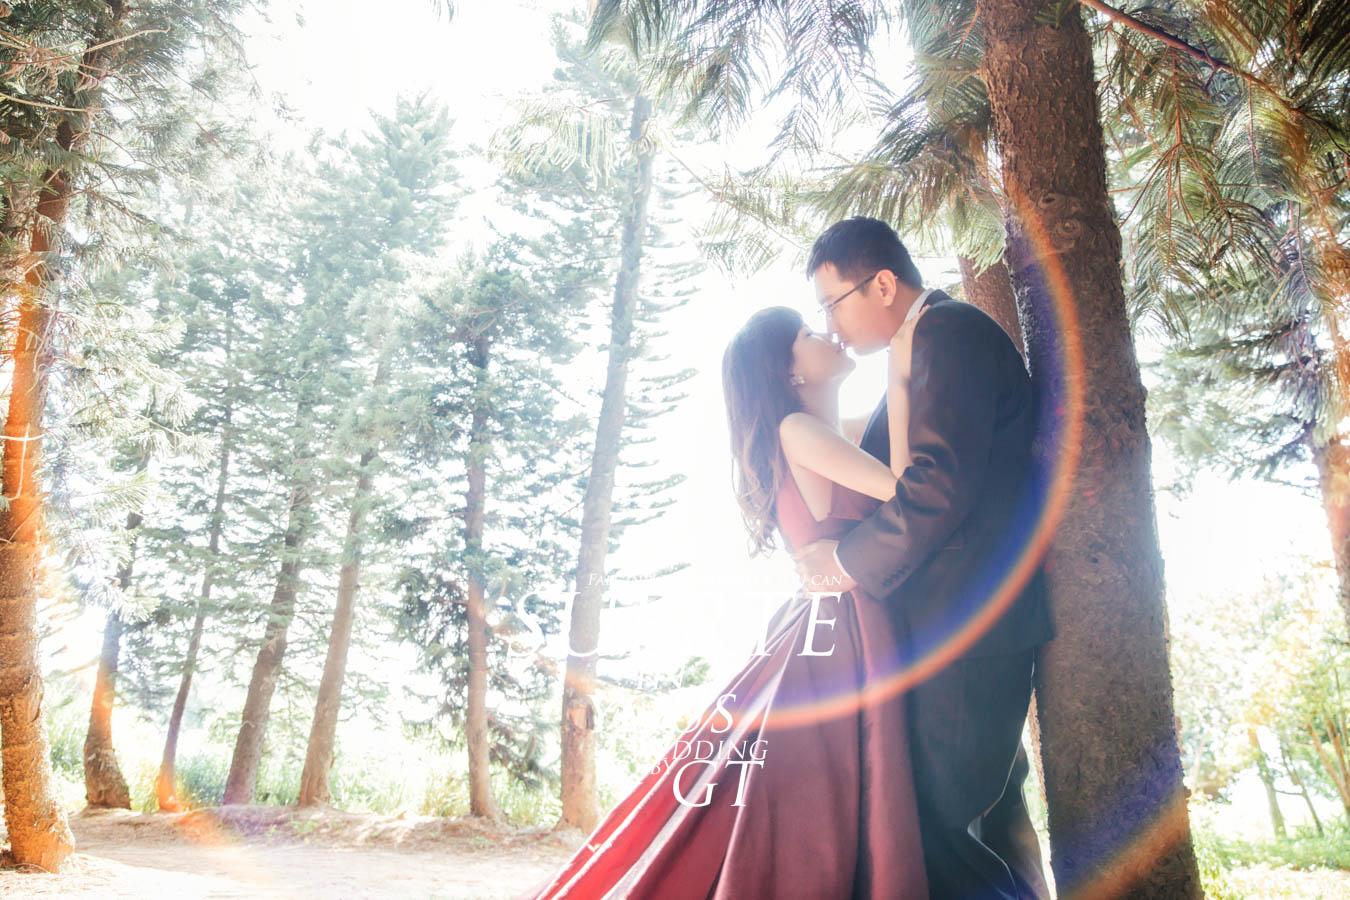 自助婚紗 | 煥翔+培需  PREWEDDING GT拍攝 |國內婚紗|台中婚紗